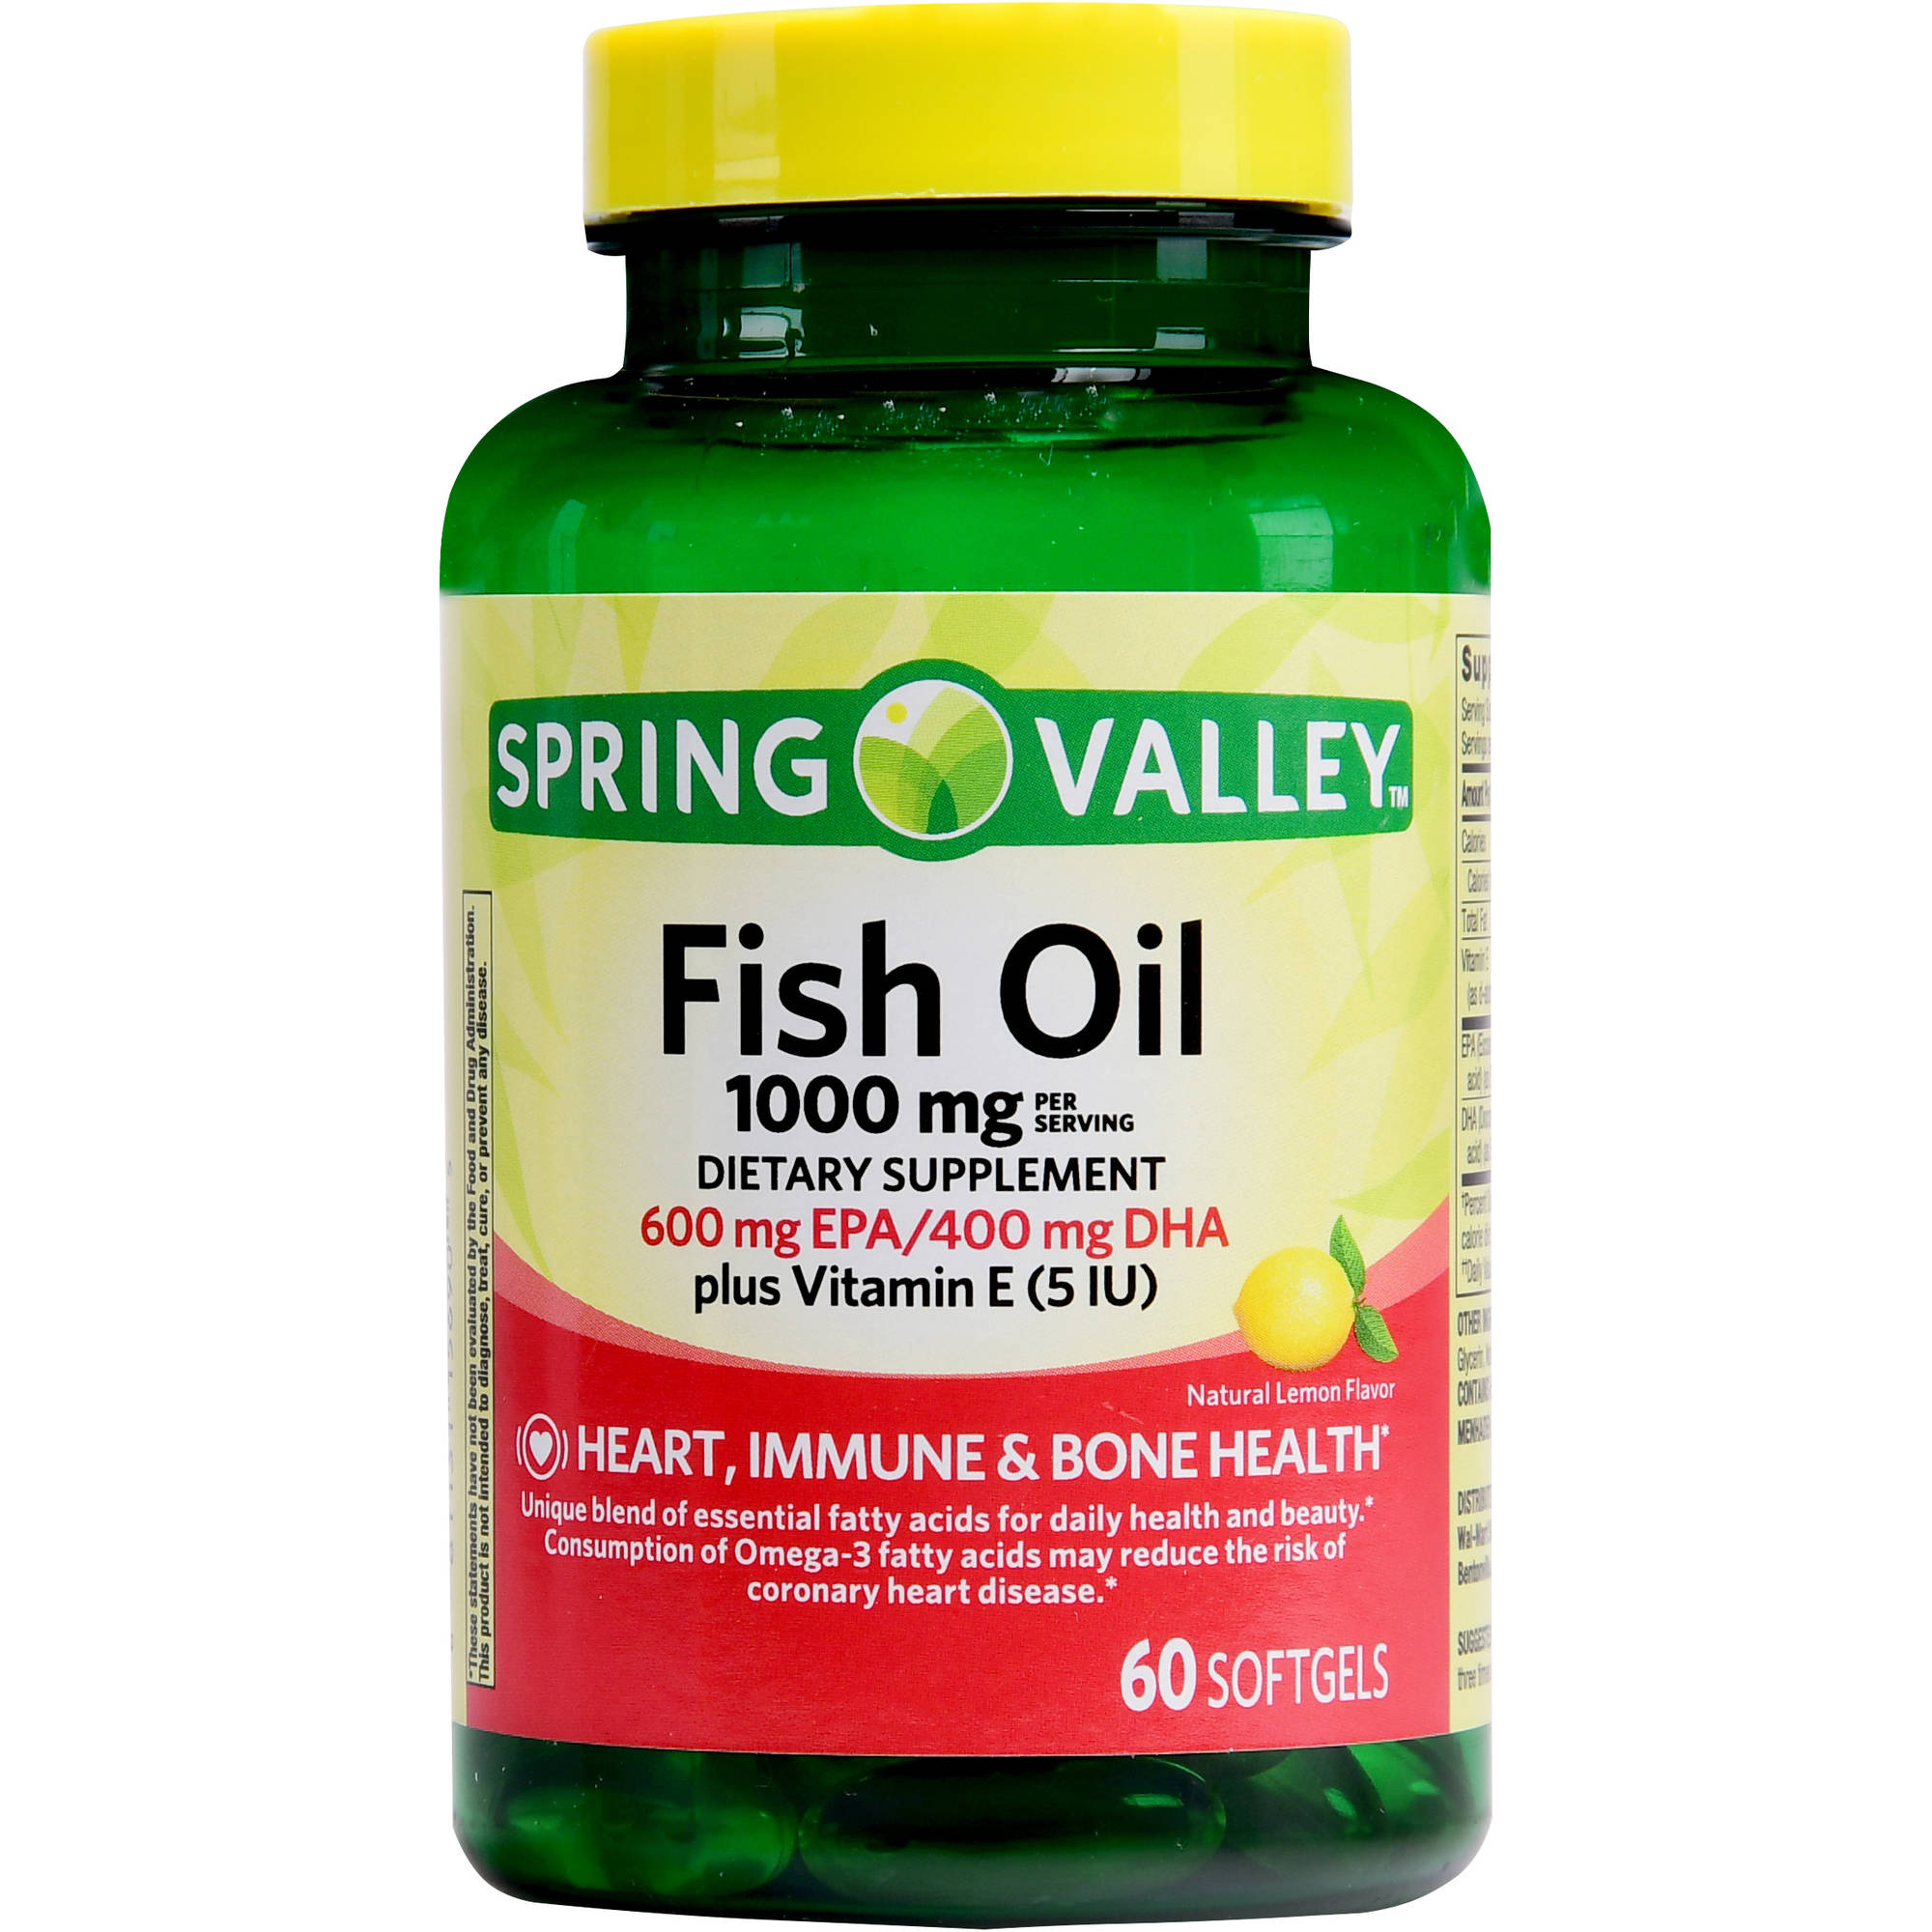 Spring Valley Fish Oil Plus Vitamin E, 1000mg, 60ct